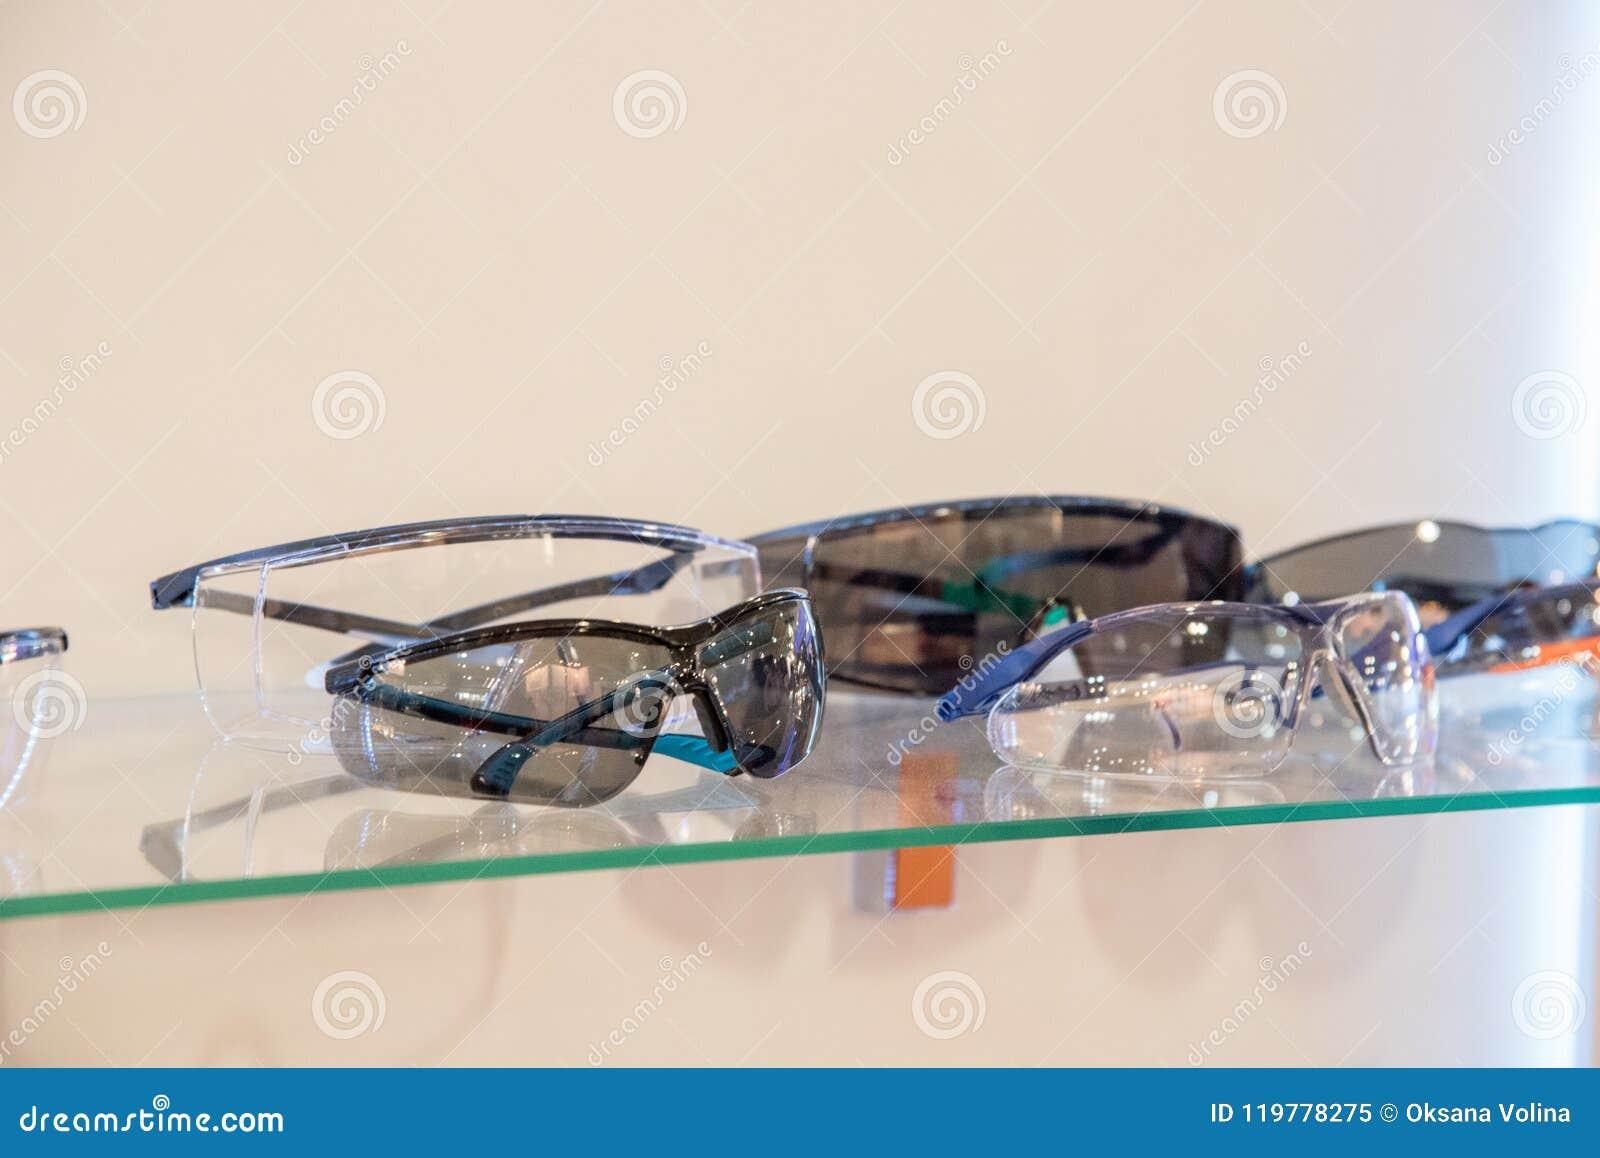 Diversos Vidros Protetores Para Trabalhadores Na Montra Imagem de ... 1c84017d4bf